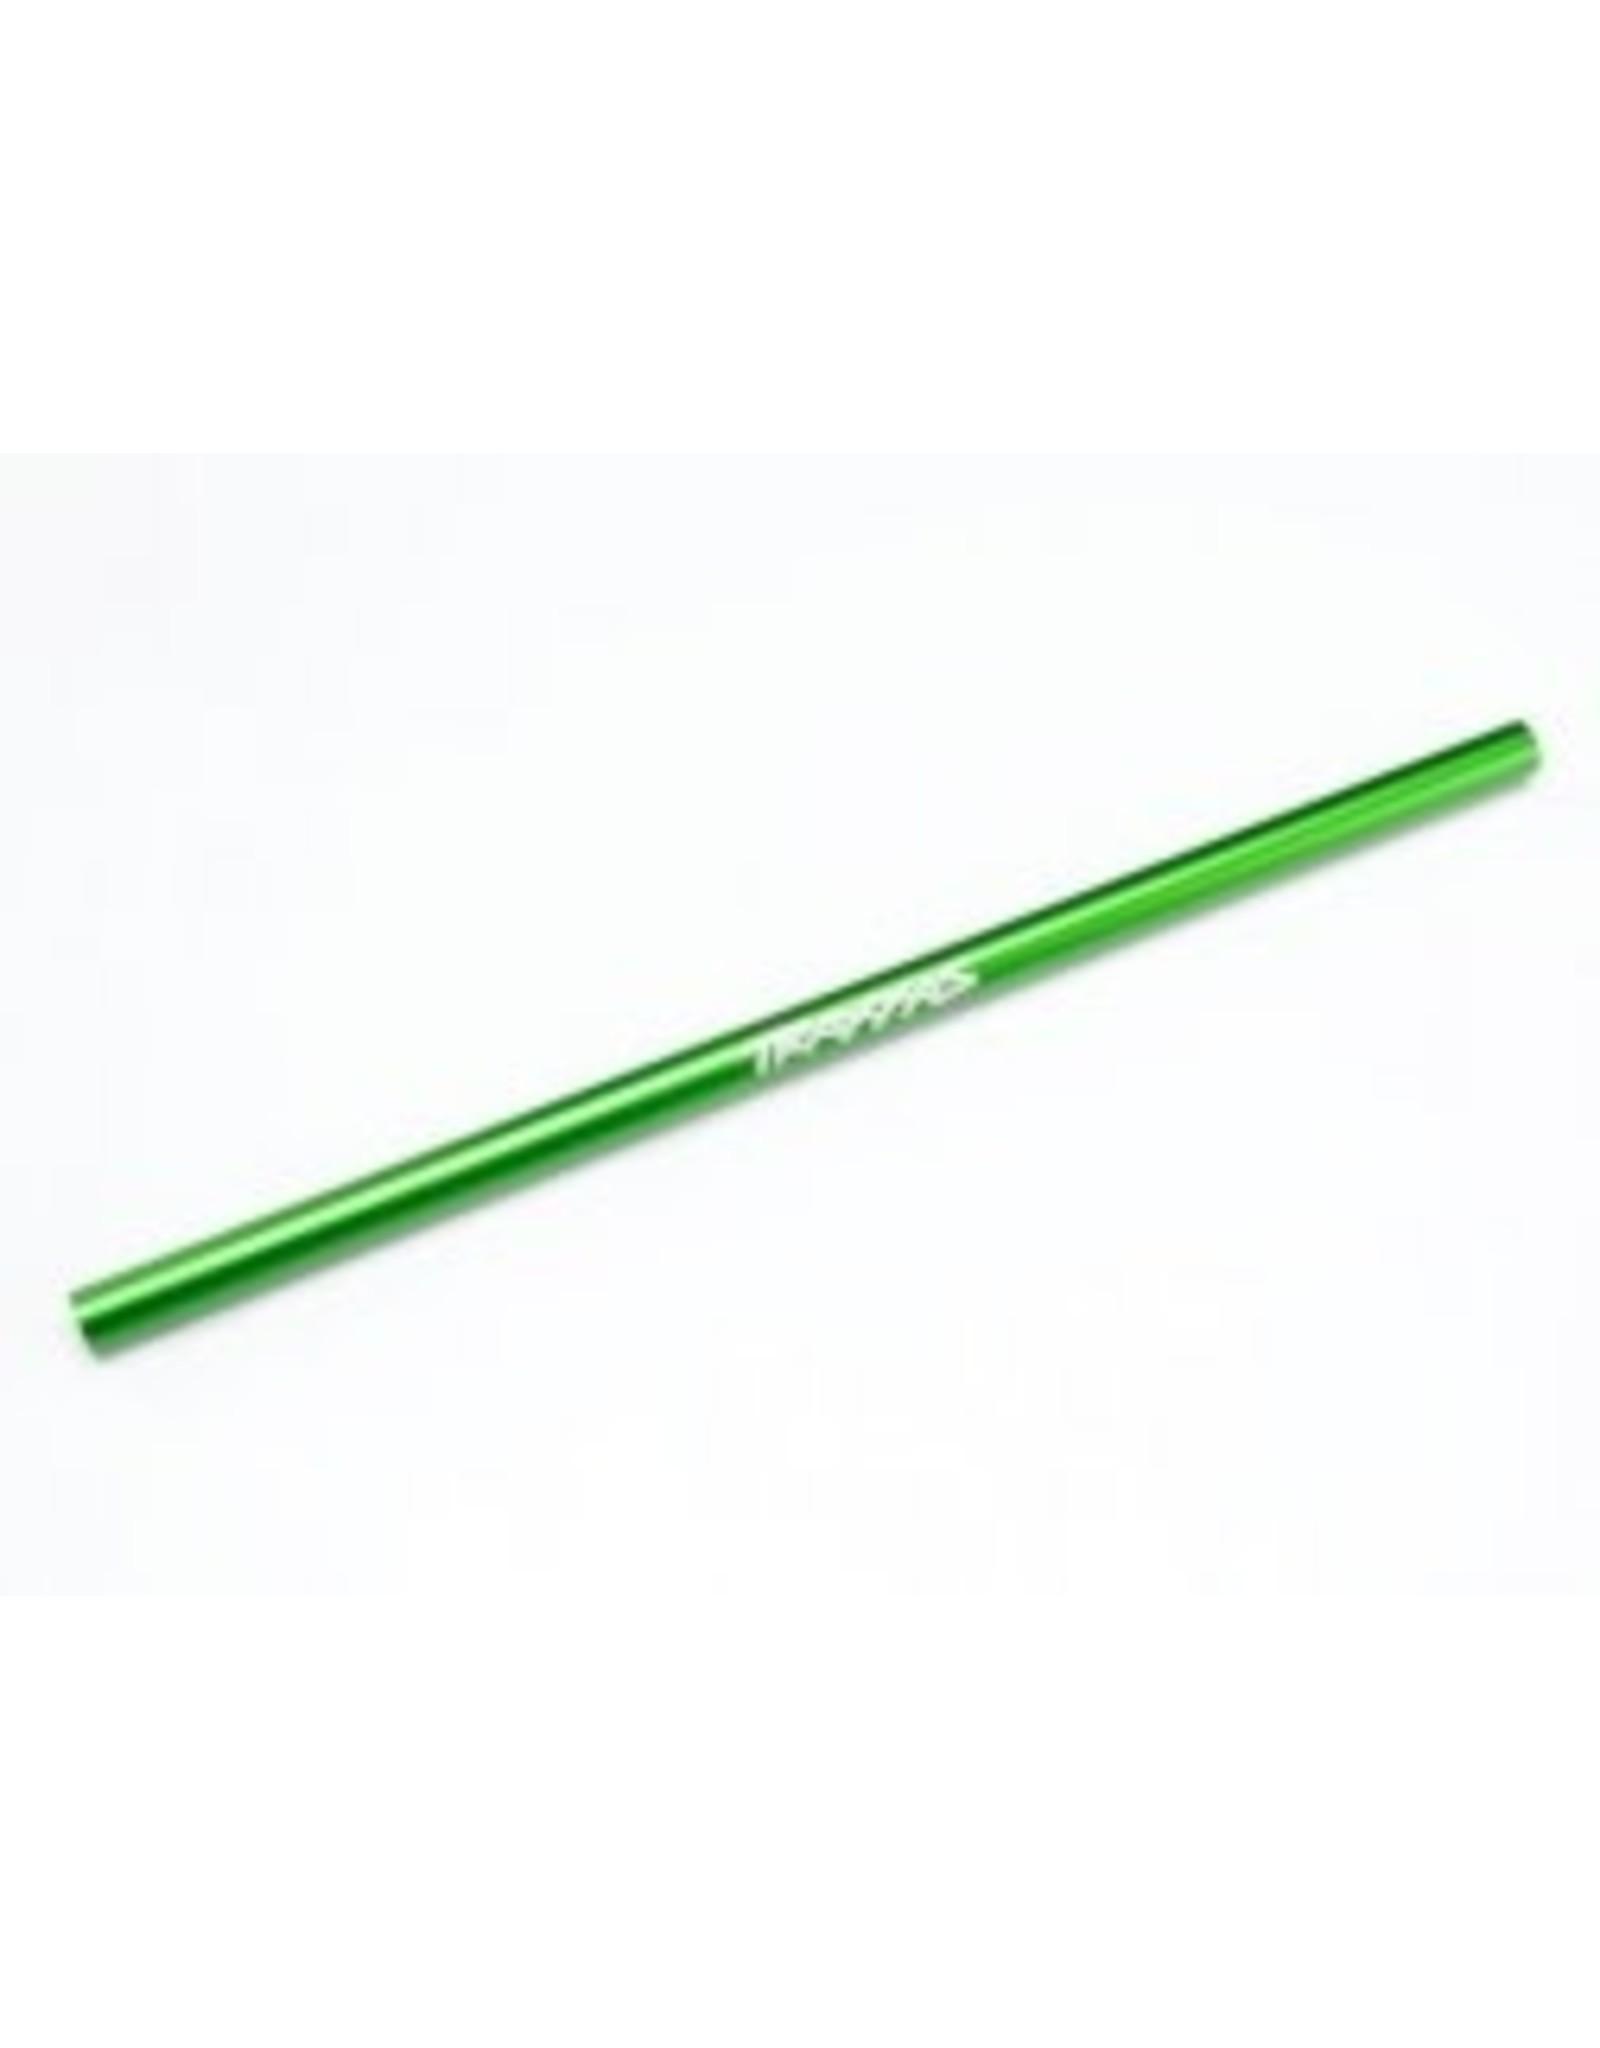 Traxxas Driveshaft Center 214mm Green 6855G